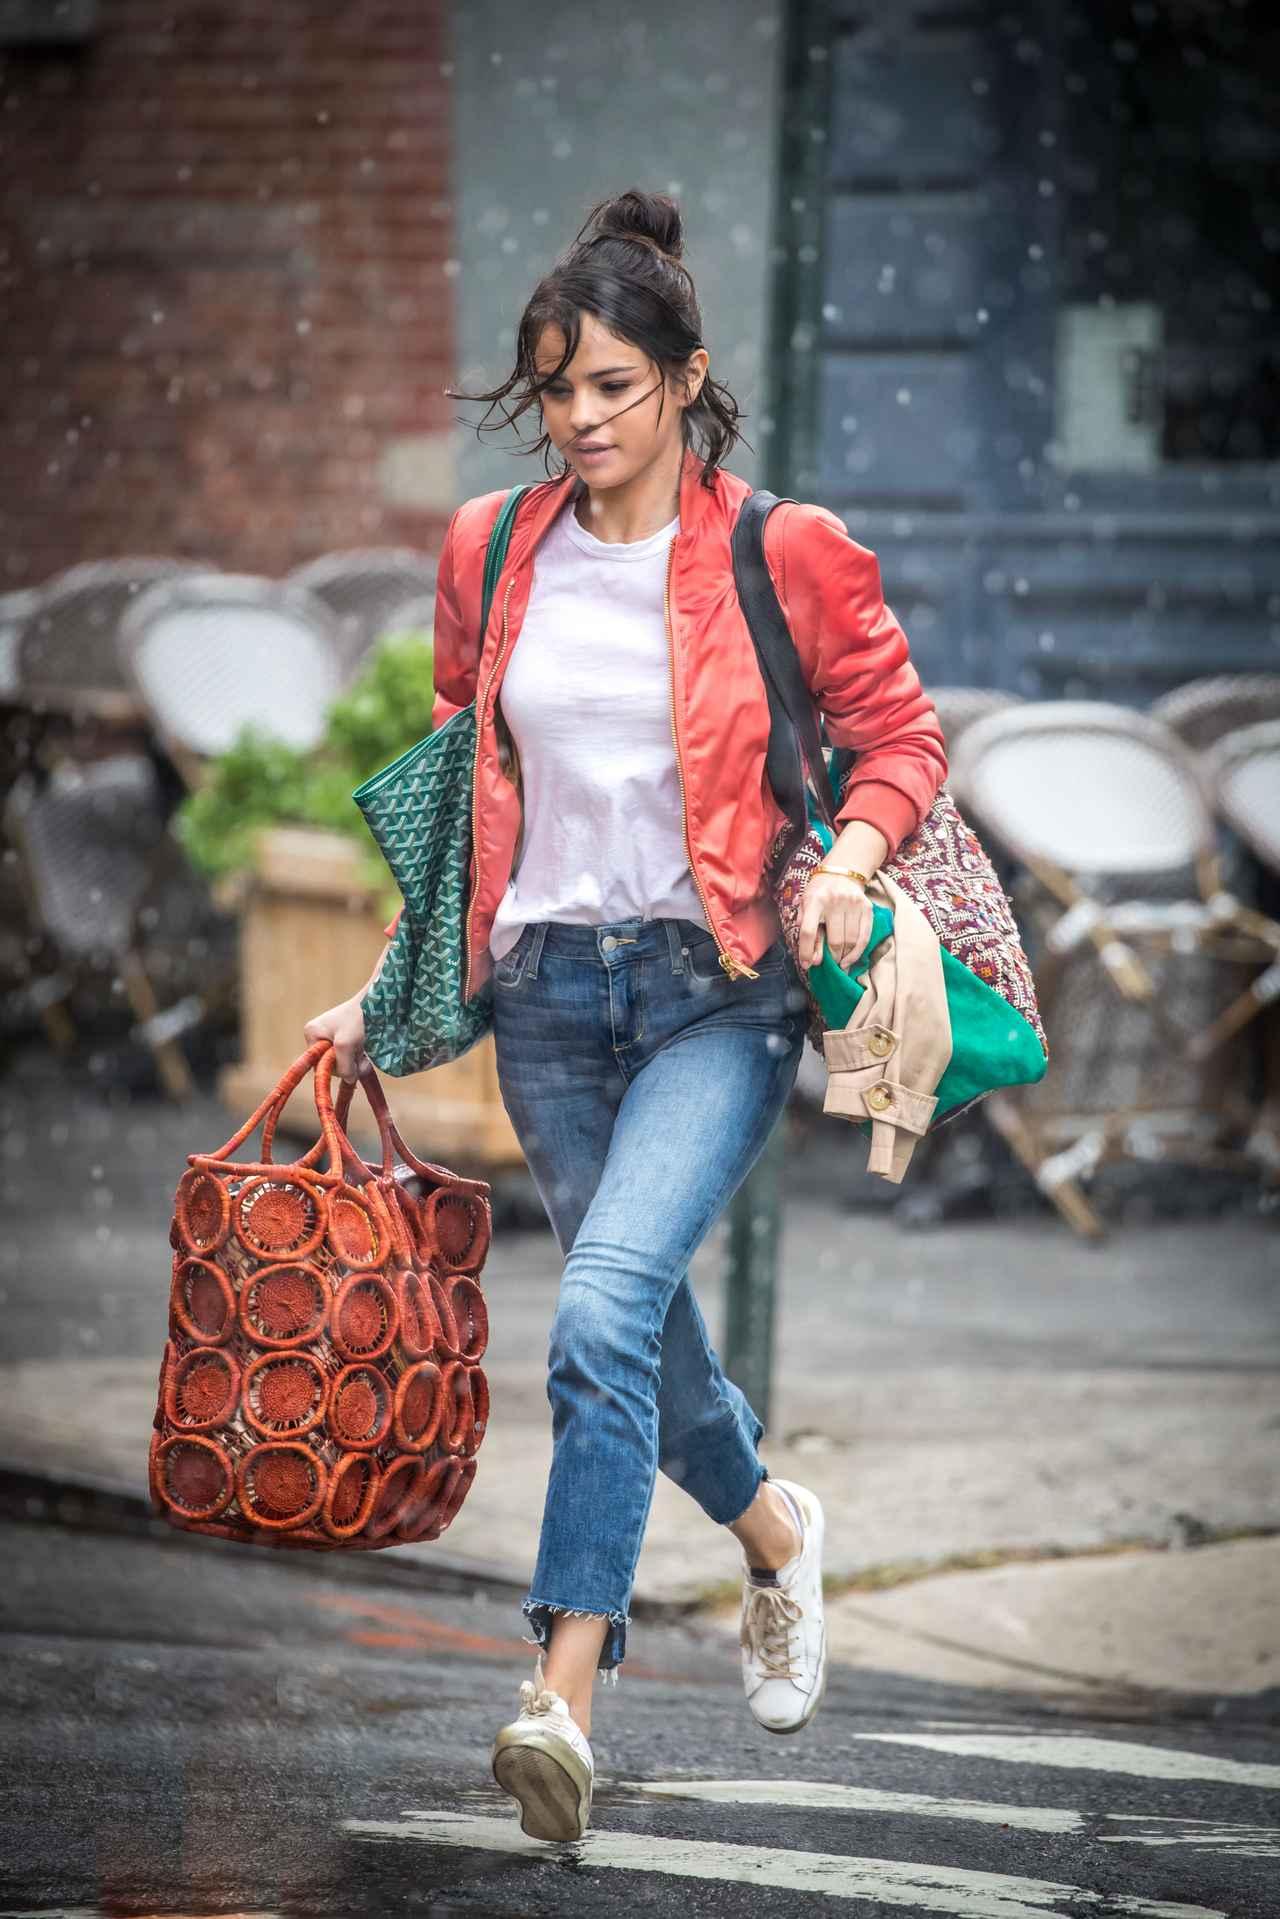 画像4: セレーナ・ゴメス、ワークスタイルでの必需品は「ストライプジャケット」!